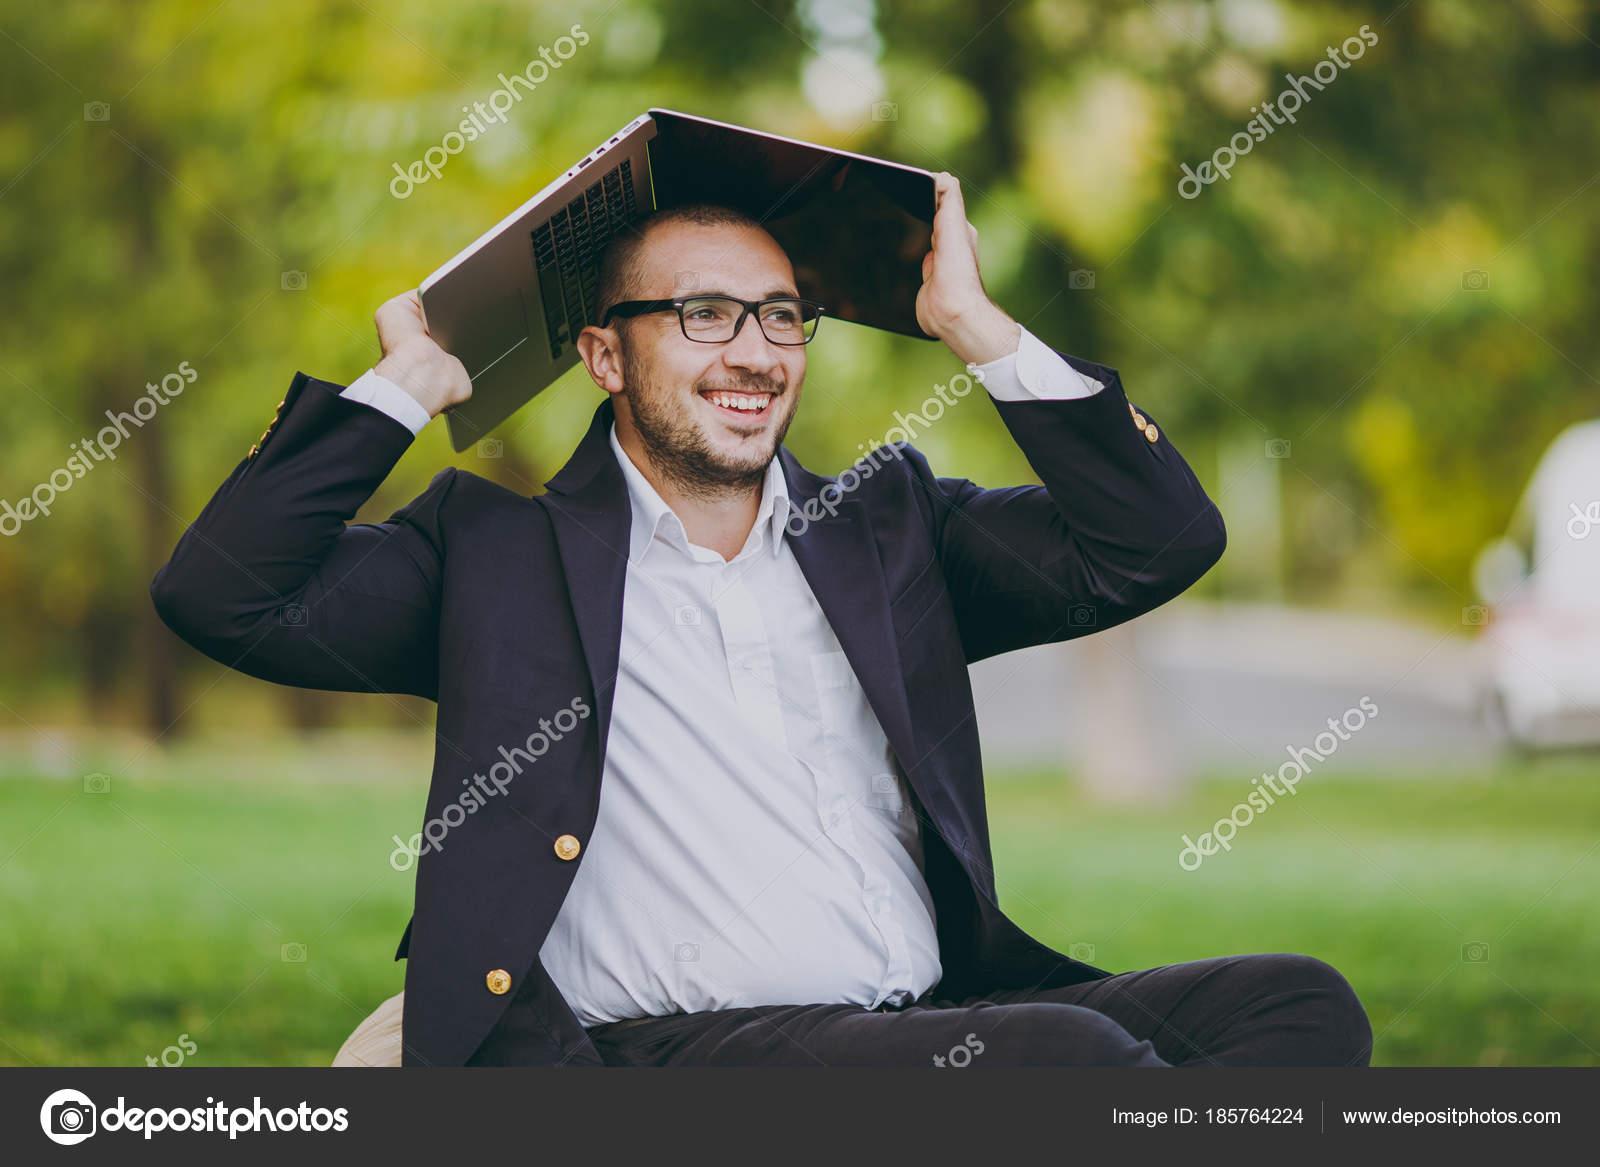 Overhemd Voor Onder Pak.Jonge Succesvolle Zakenman In Wit Overhemd Klassieke Pak Glazen